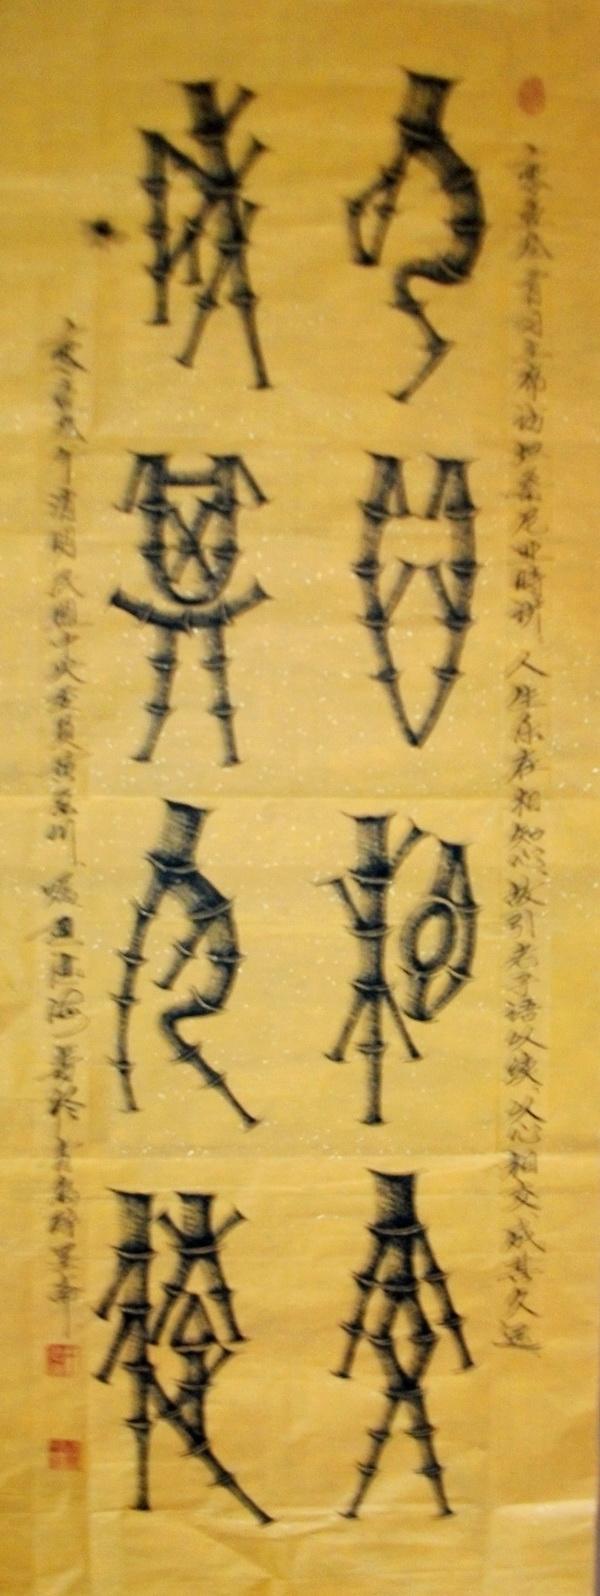 竹骨文条幅 以心相交 成其自然